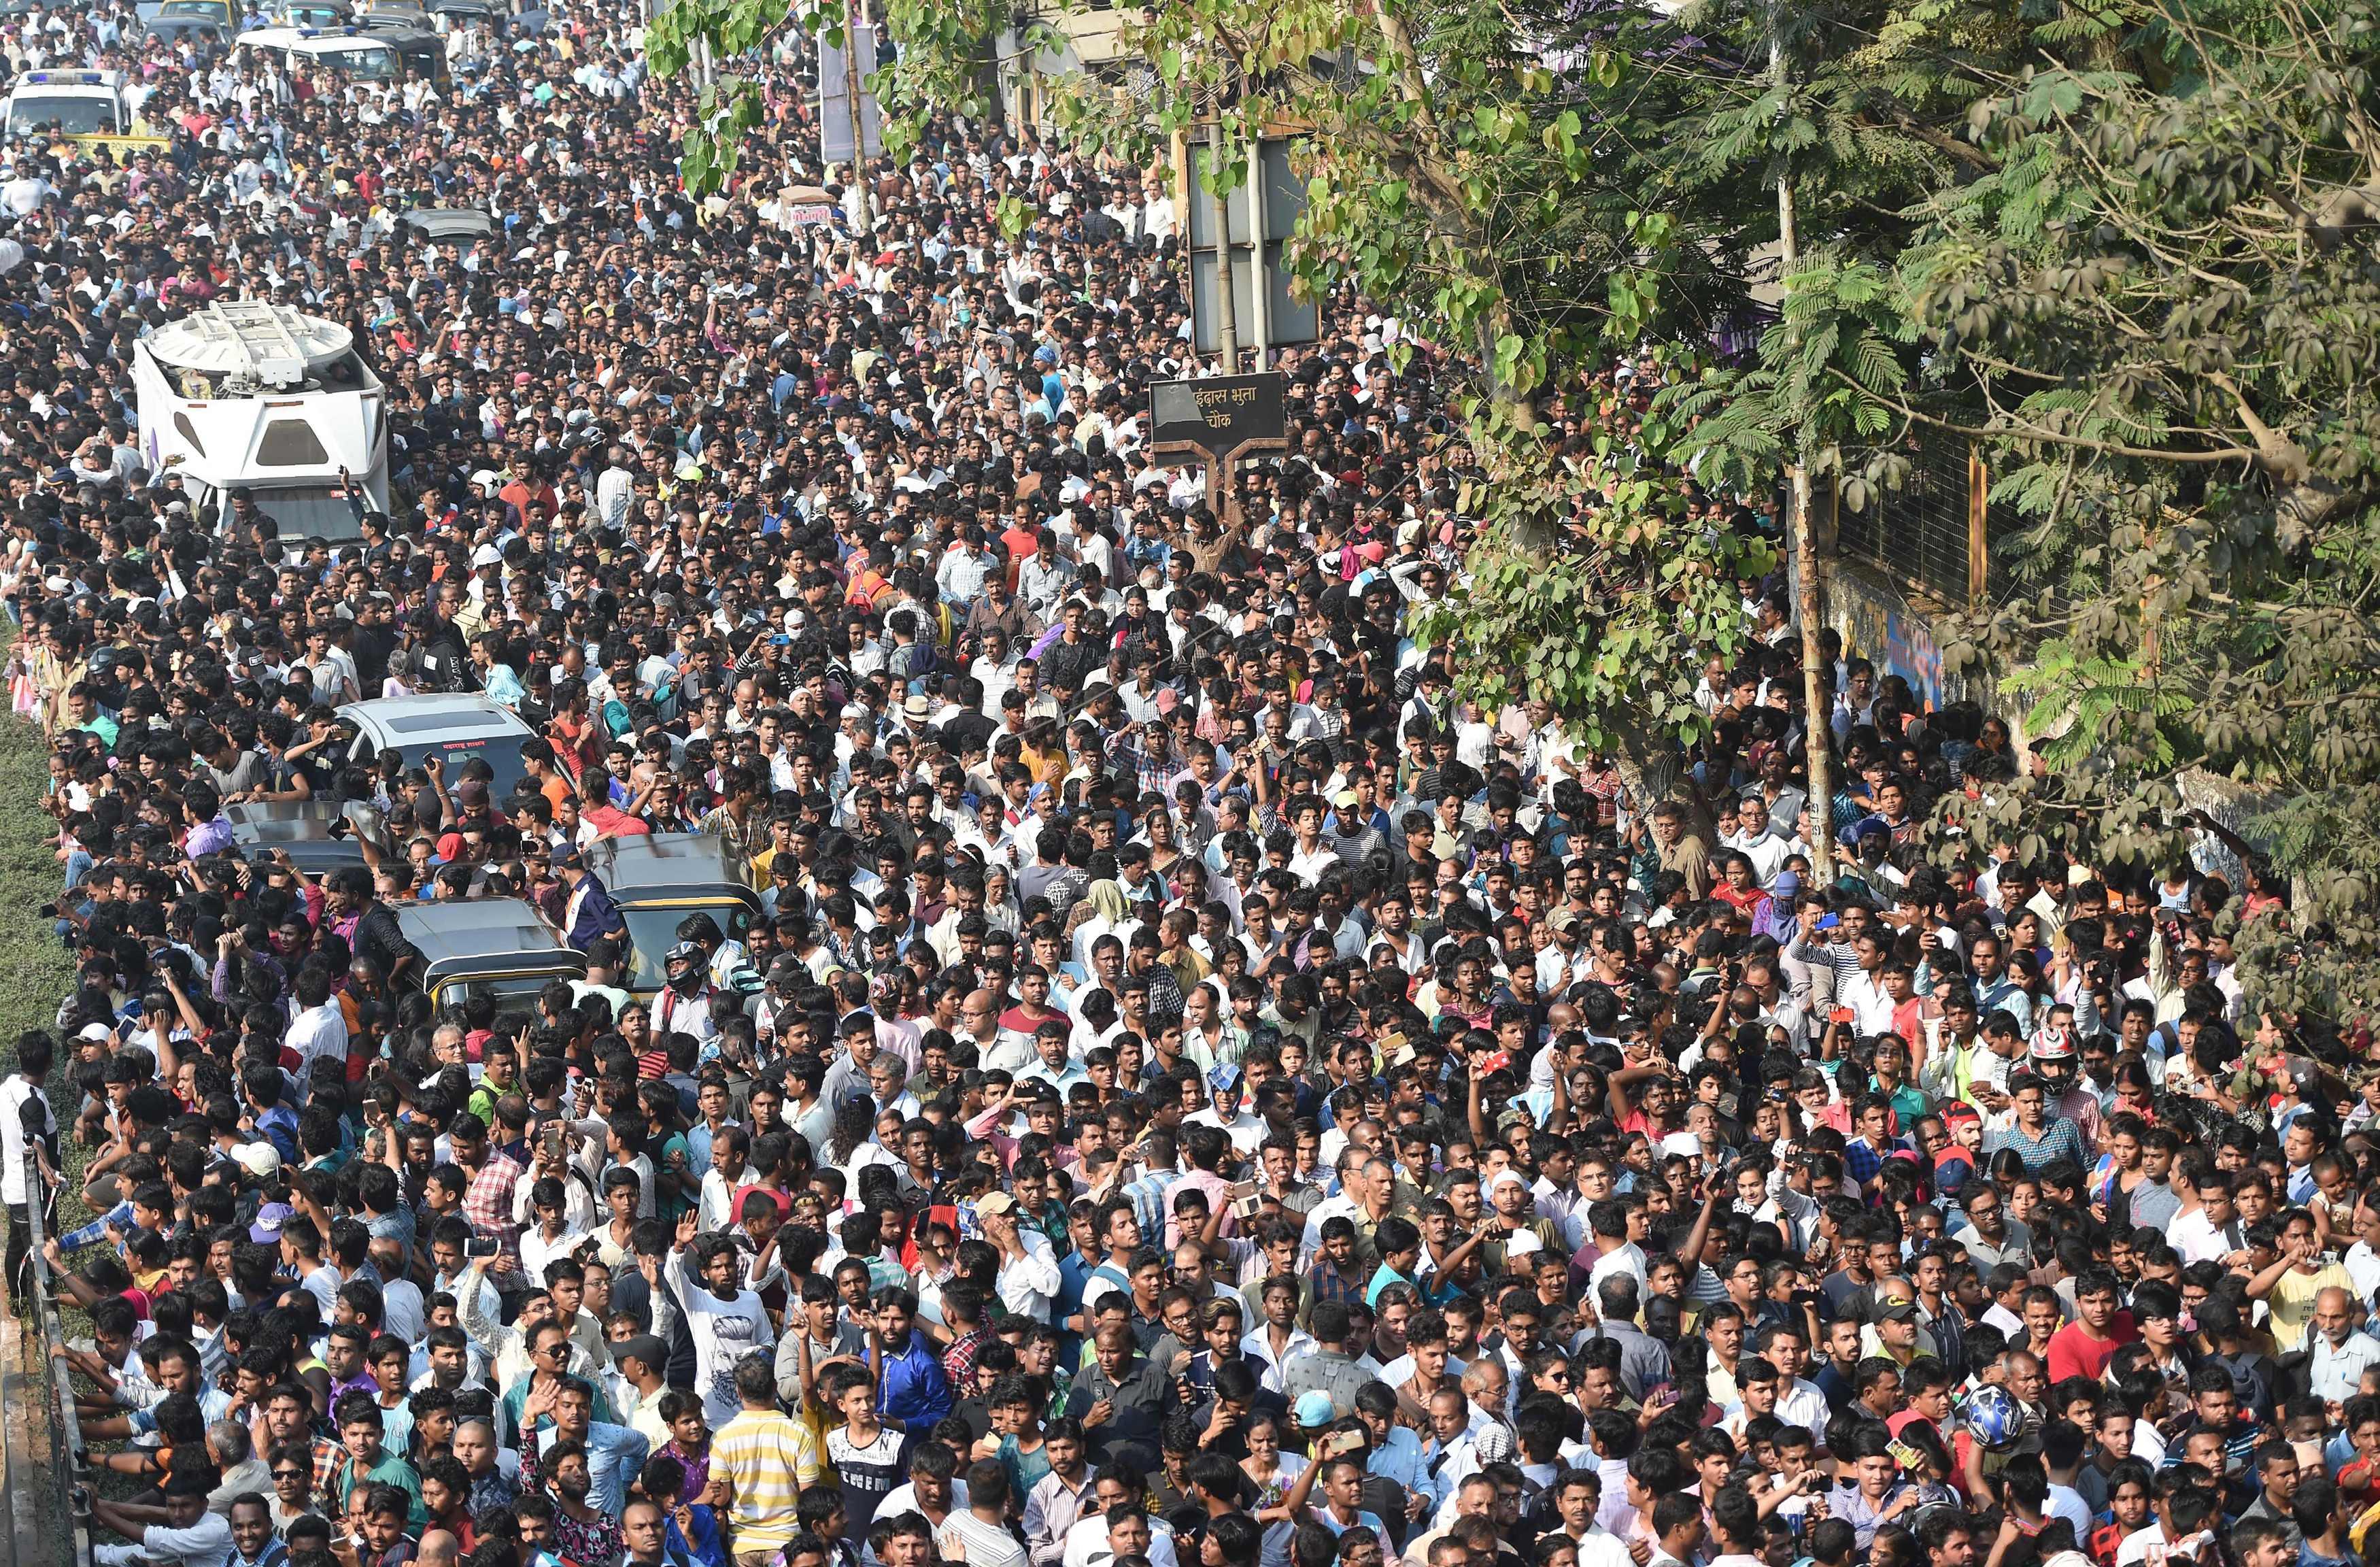 حضور كبير للنجوم الهند بجنازة سريديفي كابور